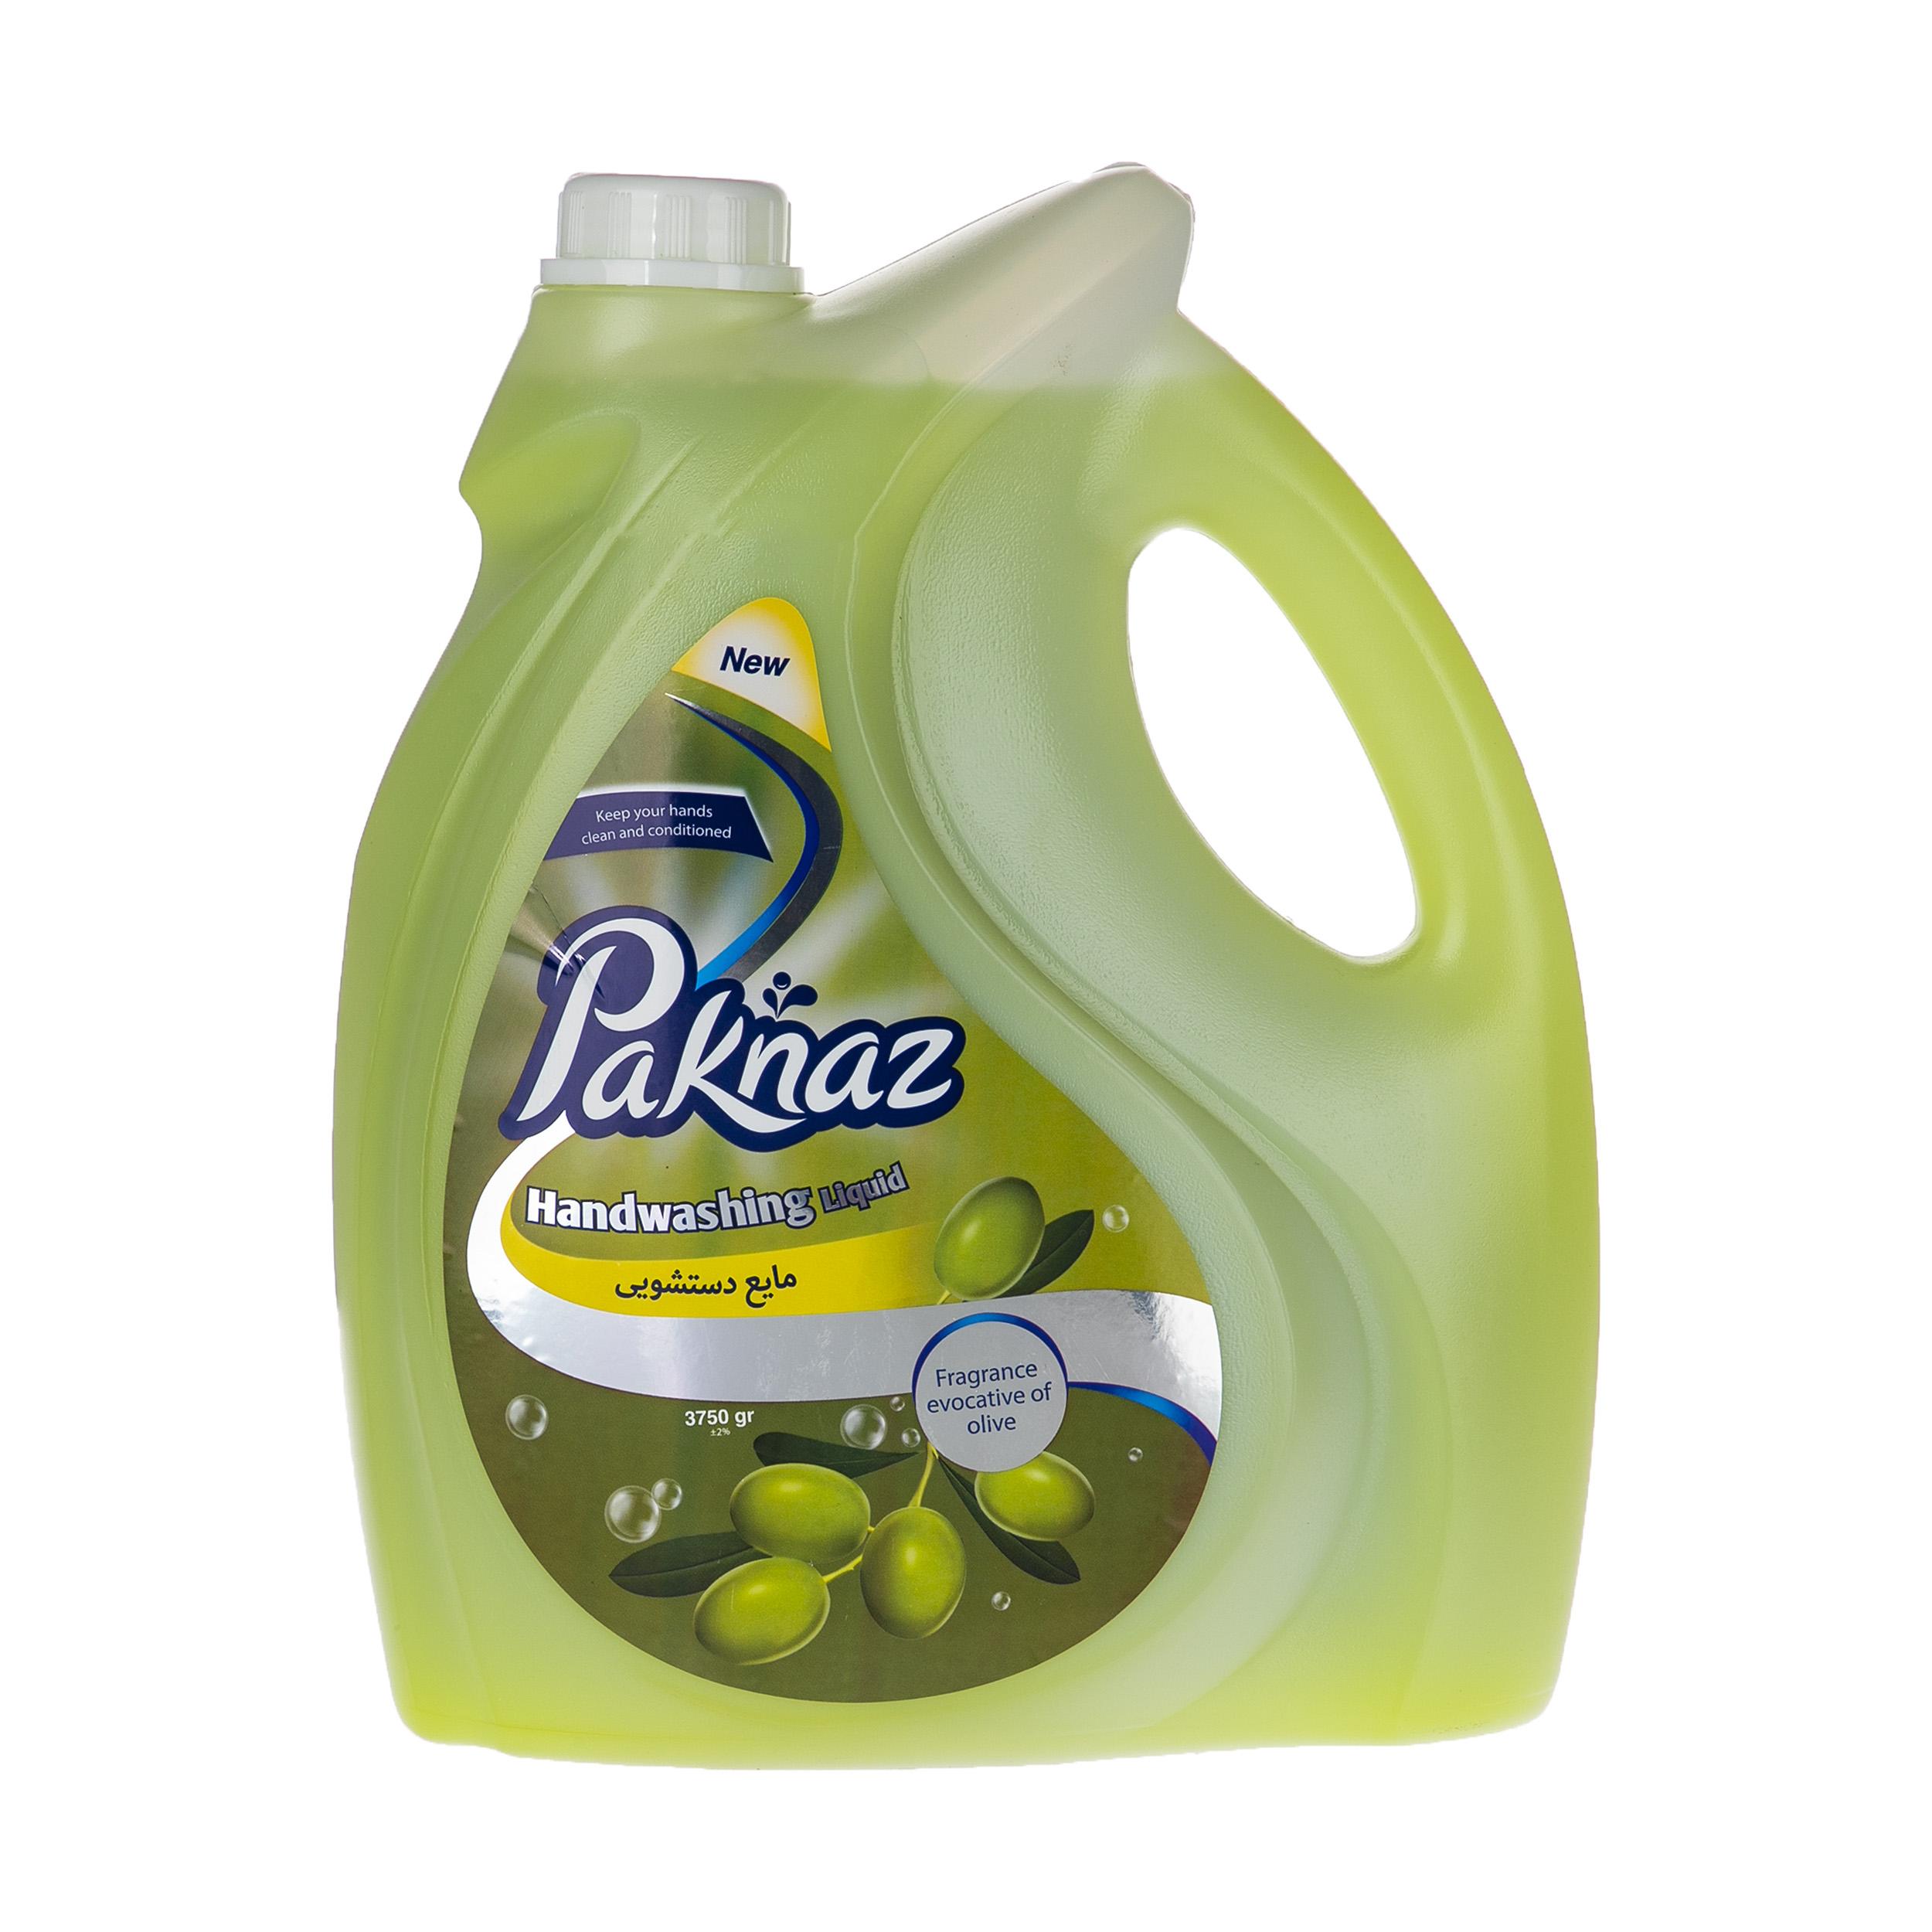 مایع دستشویی پاکناز مدل Olive حجم 3.75 لیتر